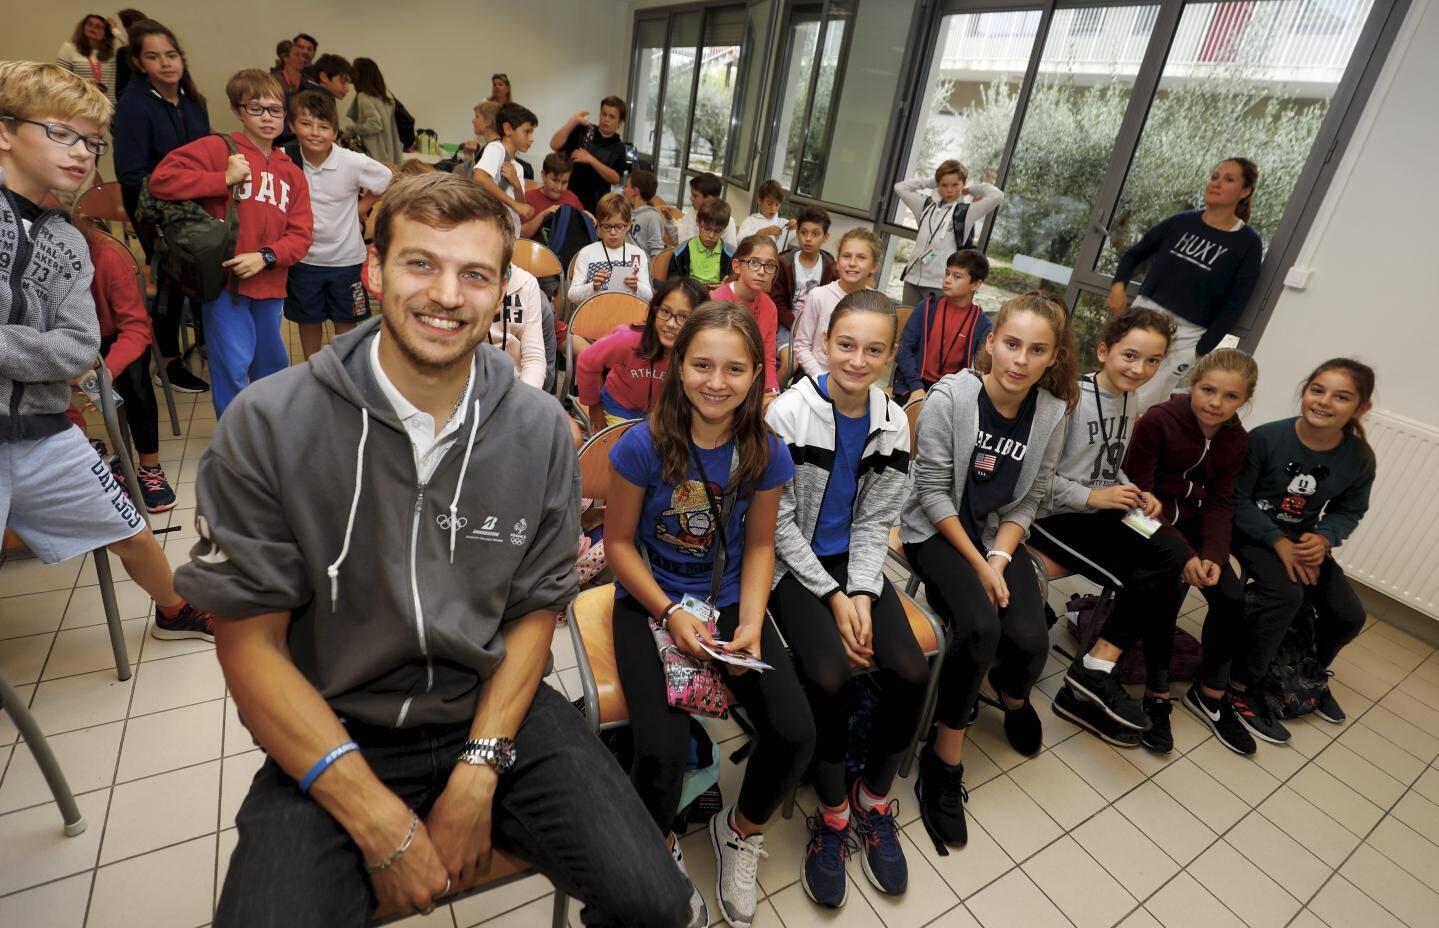 Les élèves du collège César ont été ravies de rencontrer le champion olympique